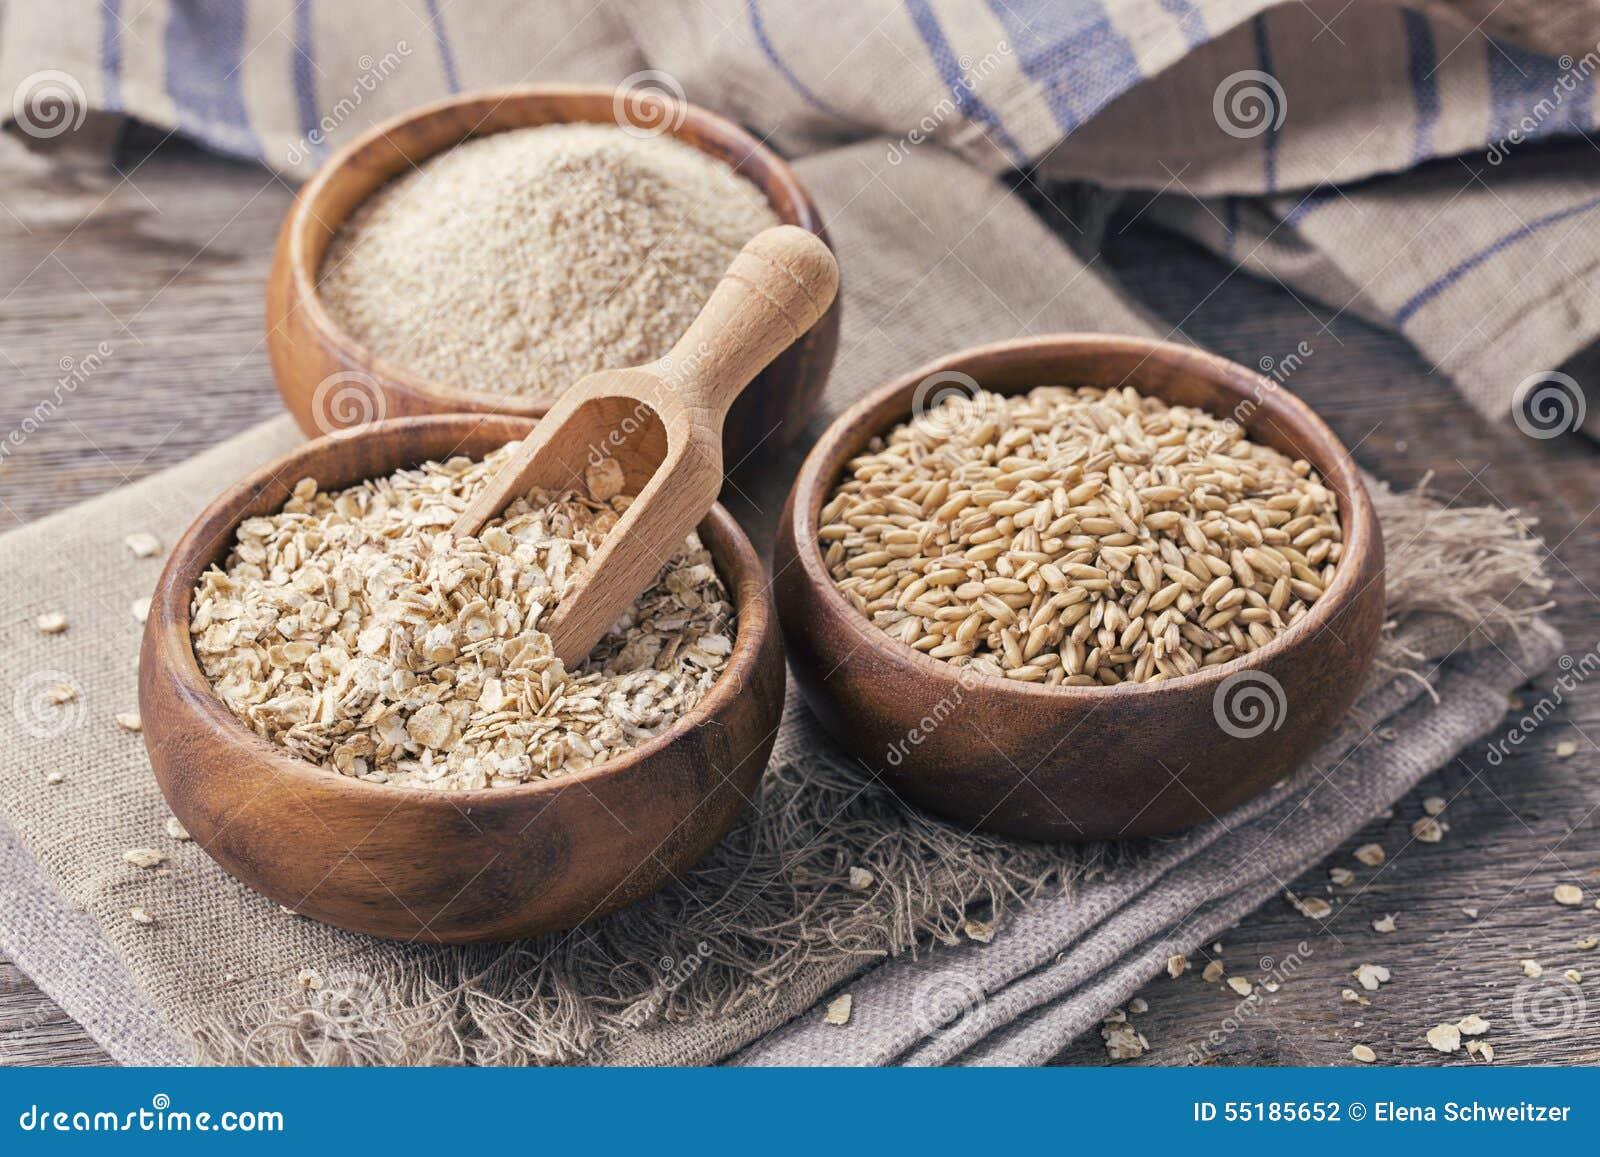 燕麦剥落、种子和麸皮